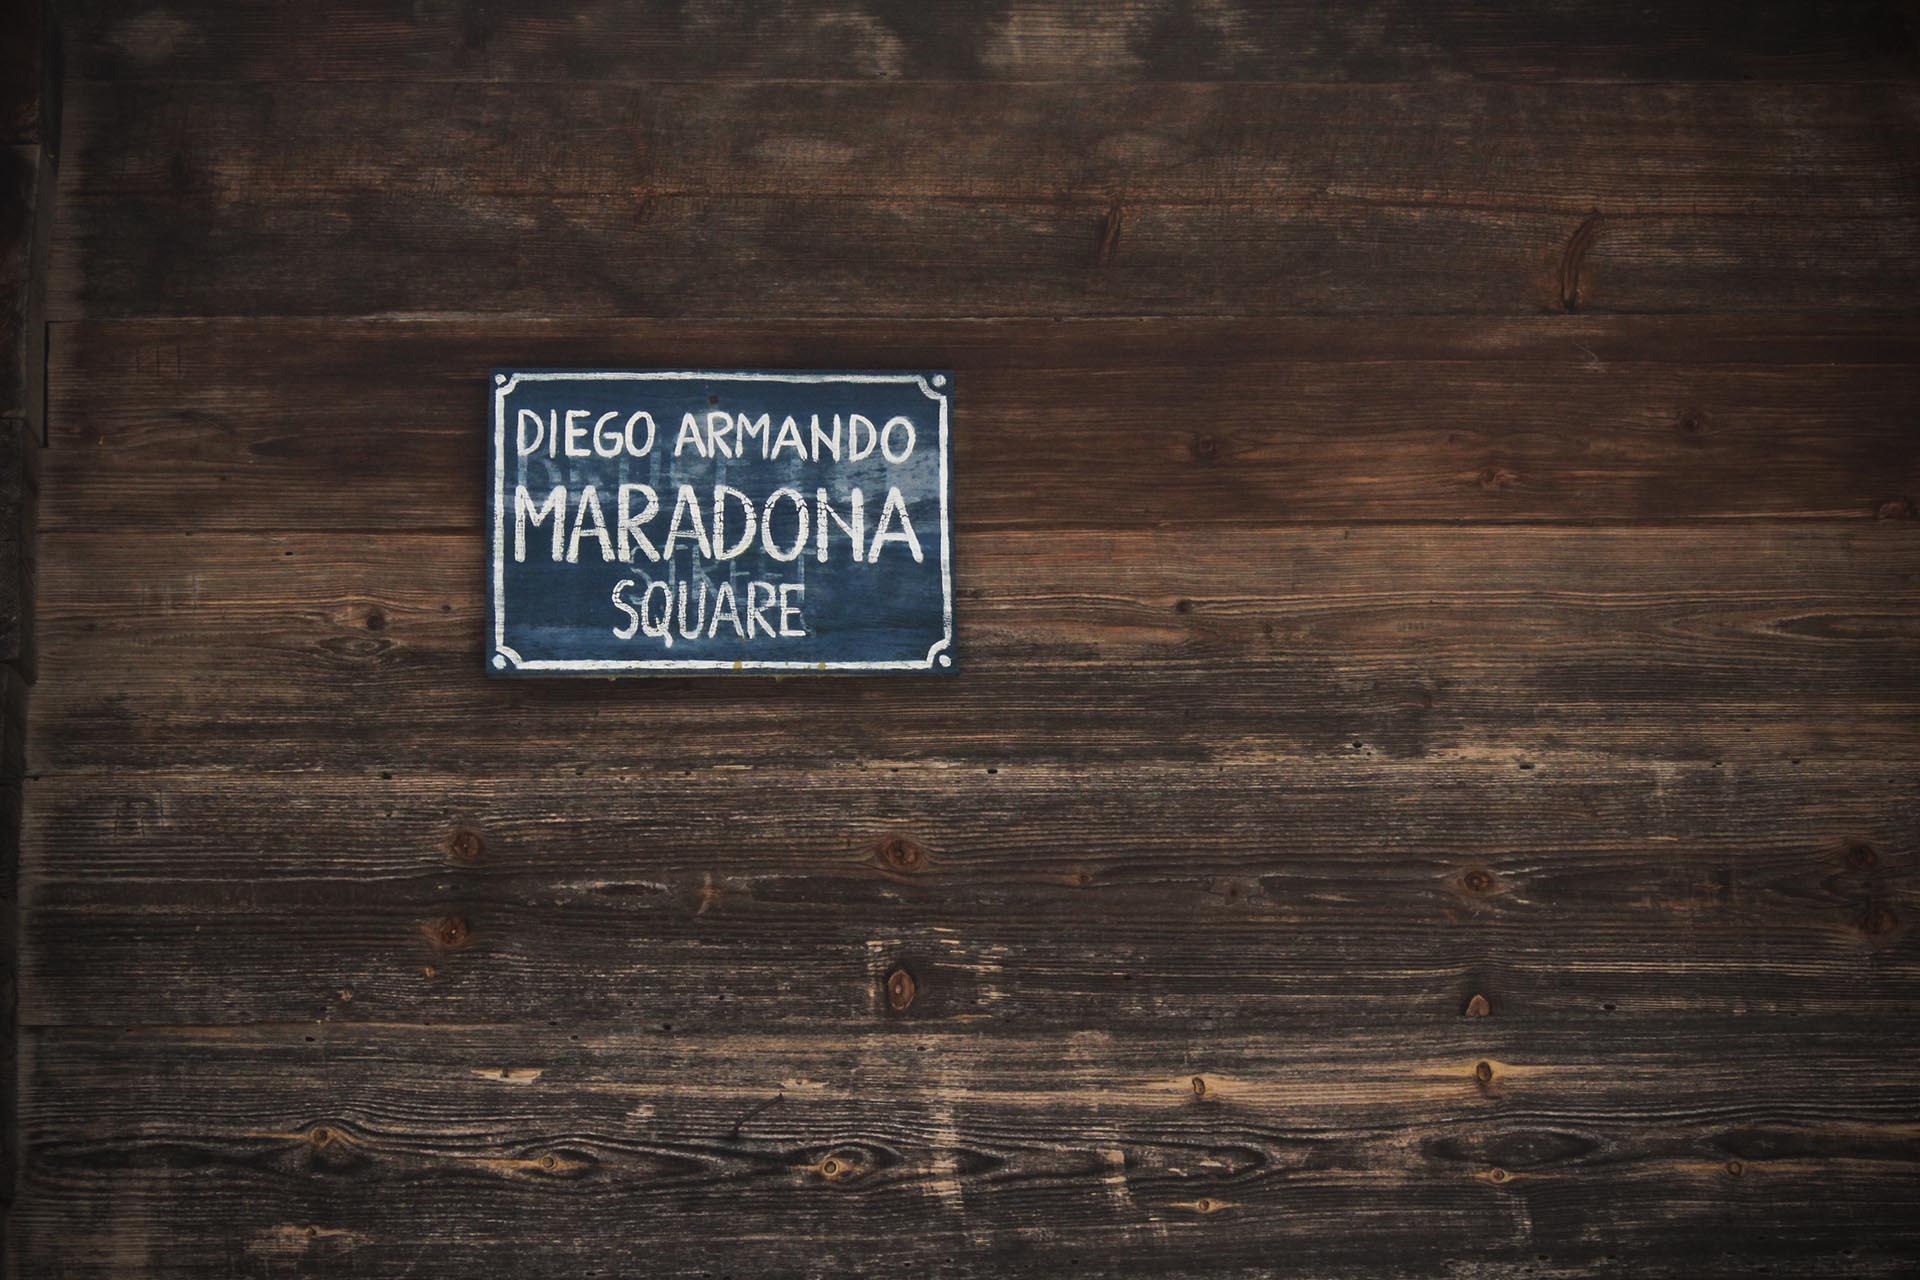 La plaza Diego Maradona, en Drvengrad